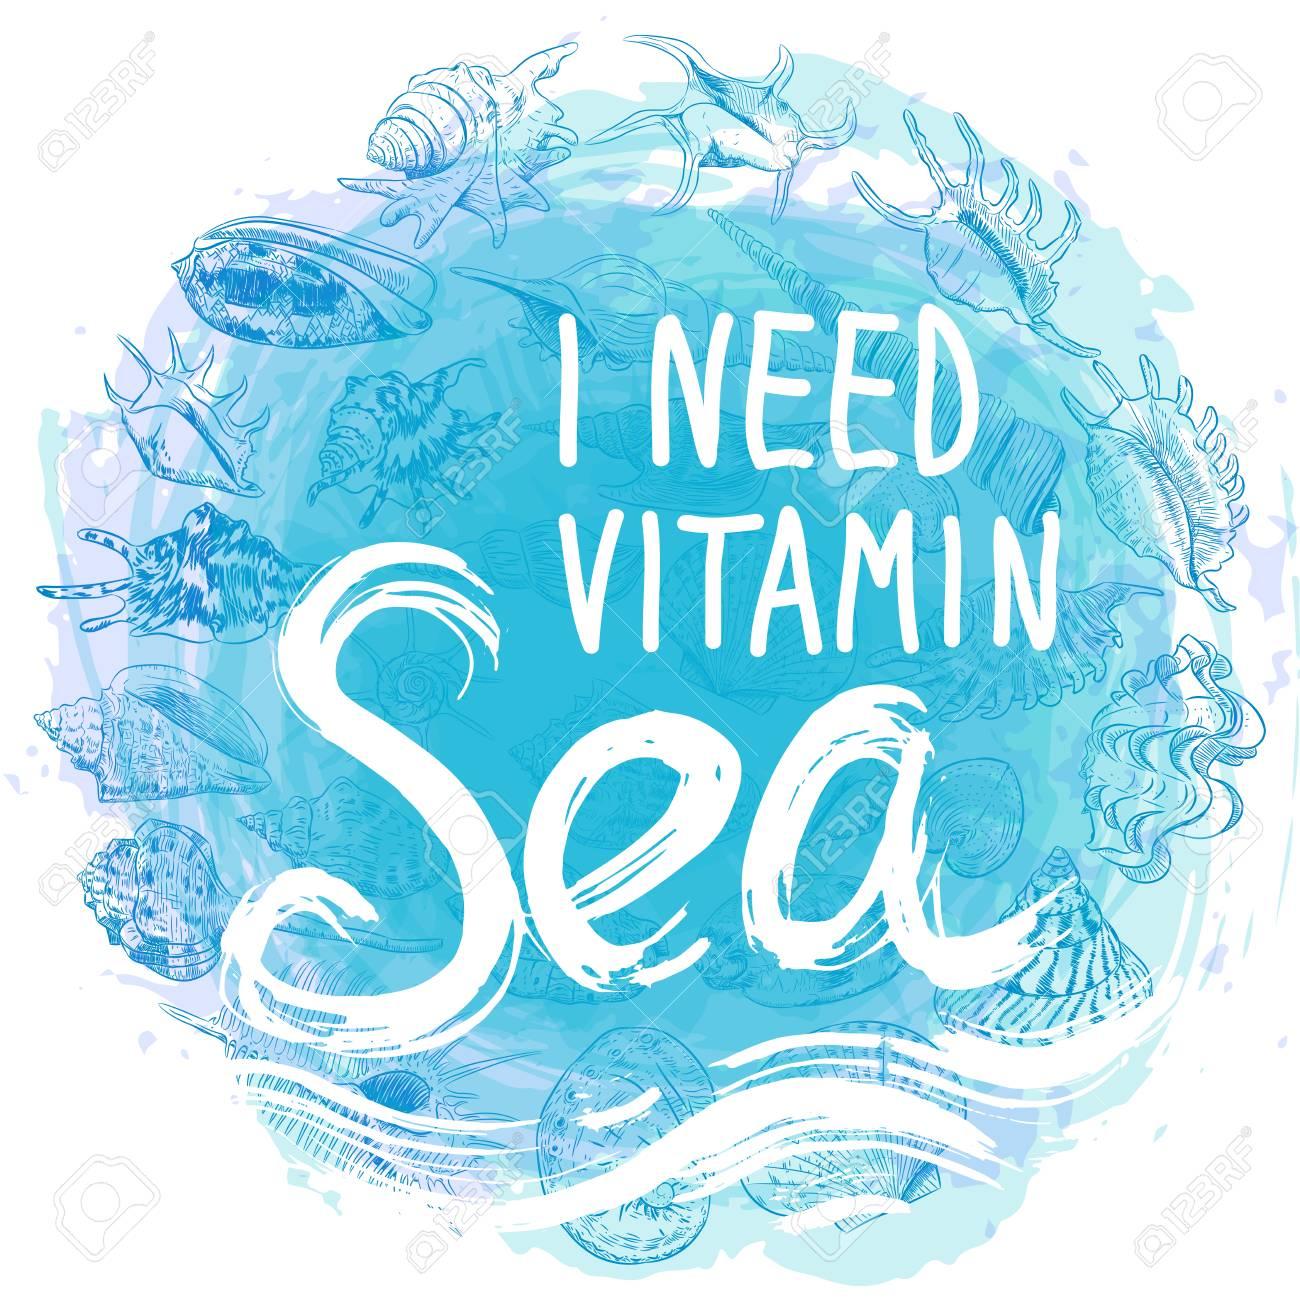 Get I Need Vitamin Sea DXF